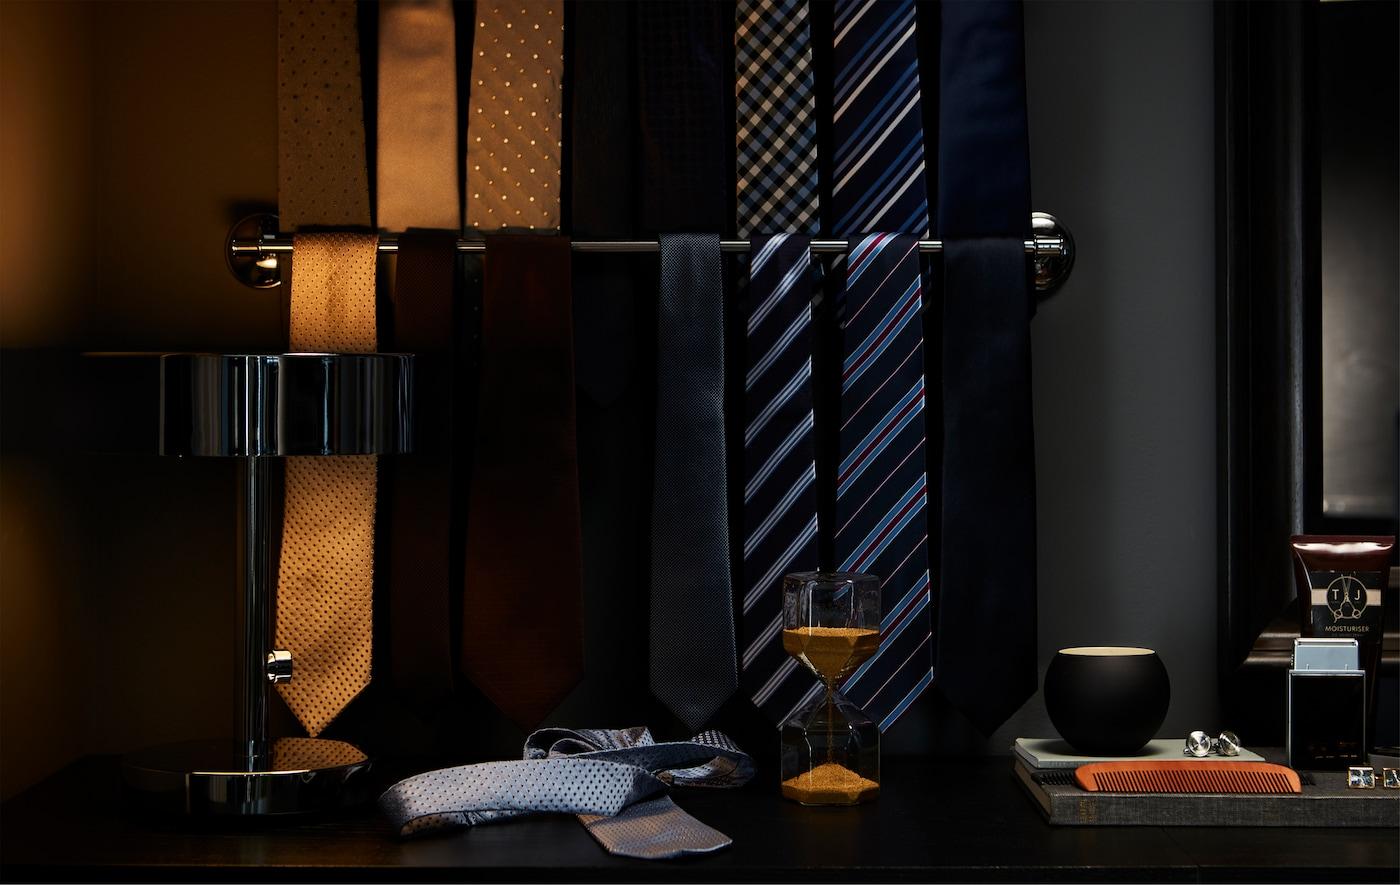 Cravatele stau pe barele de prosoape din crom pentru a le vedea ușor.